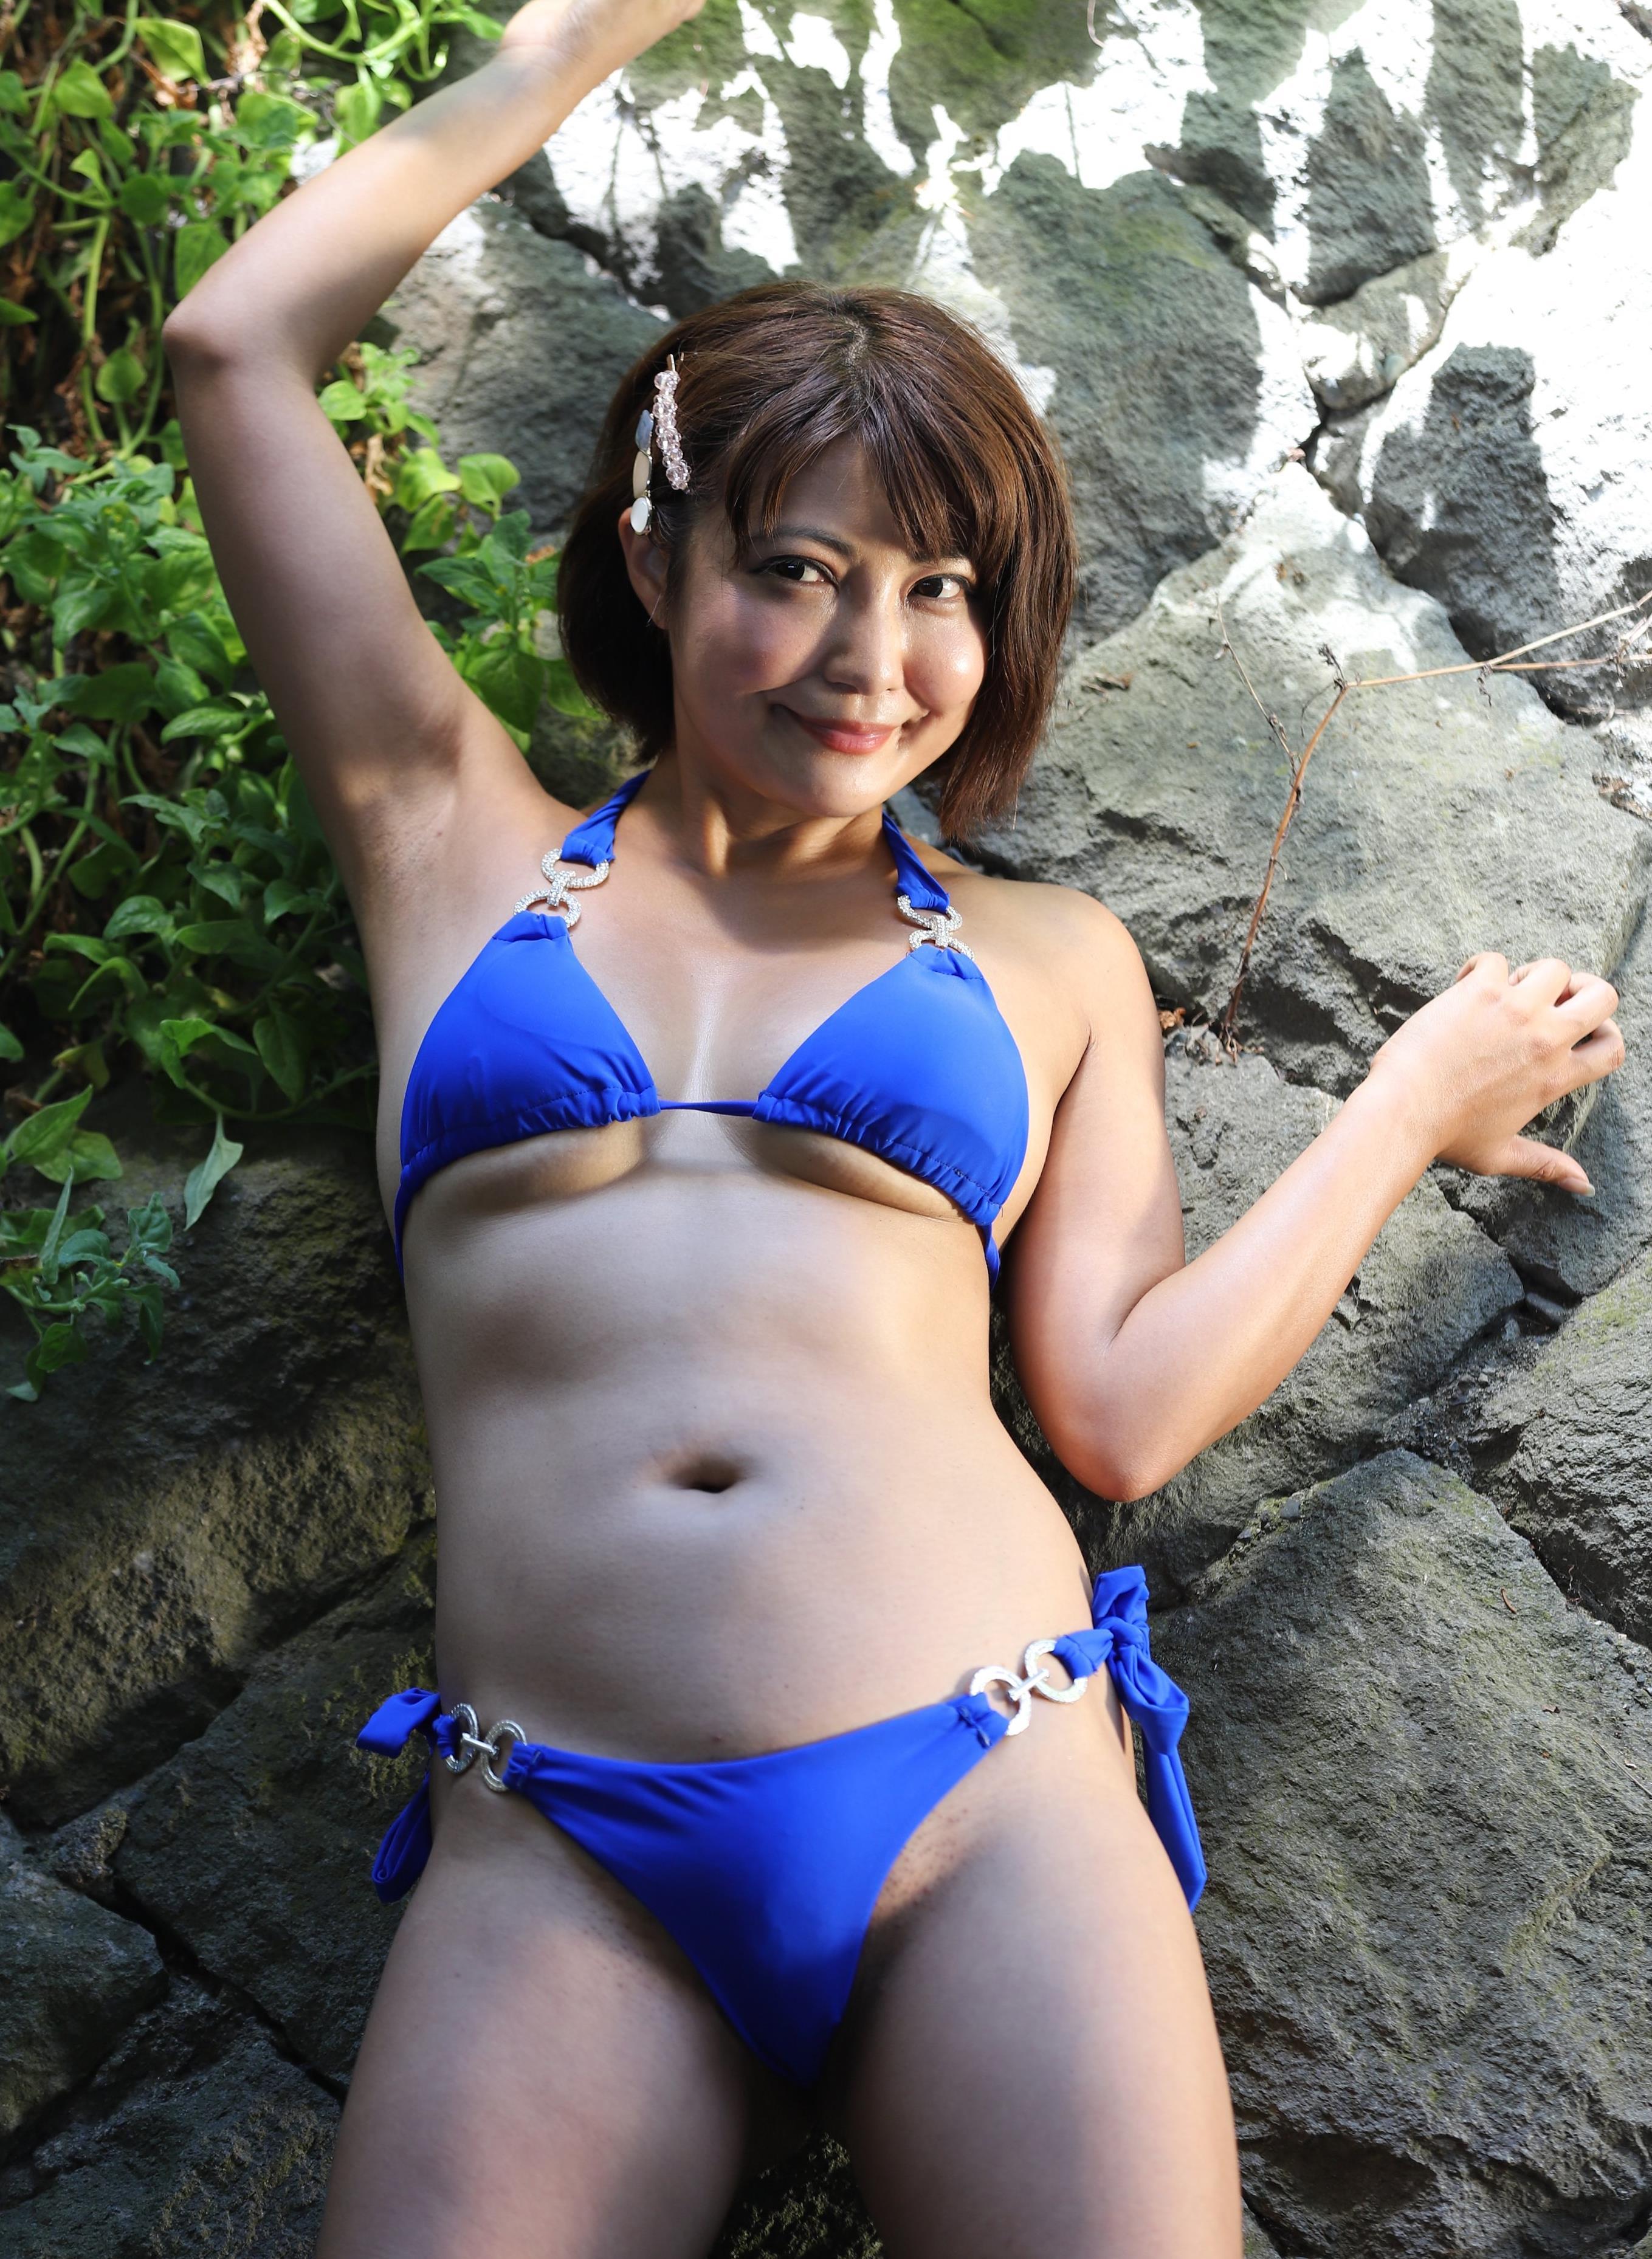 今村知可のジョリ腋 (37)